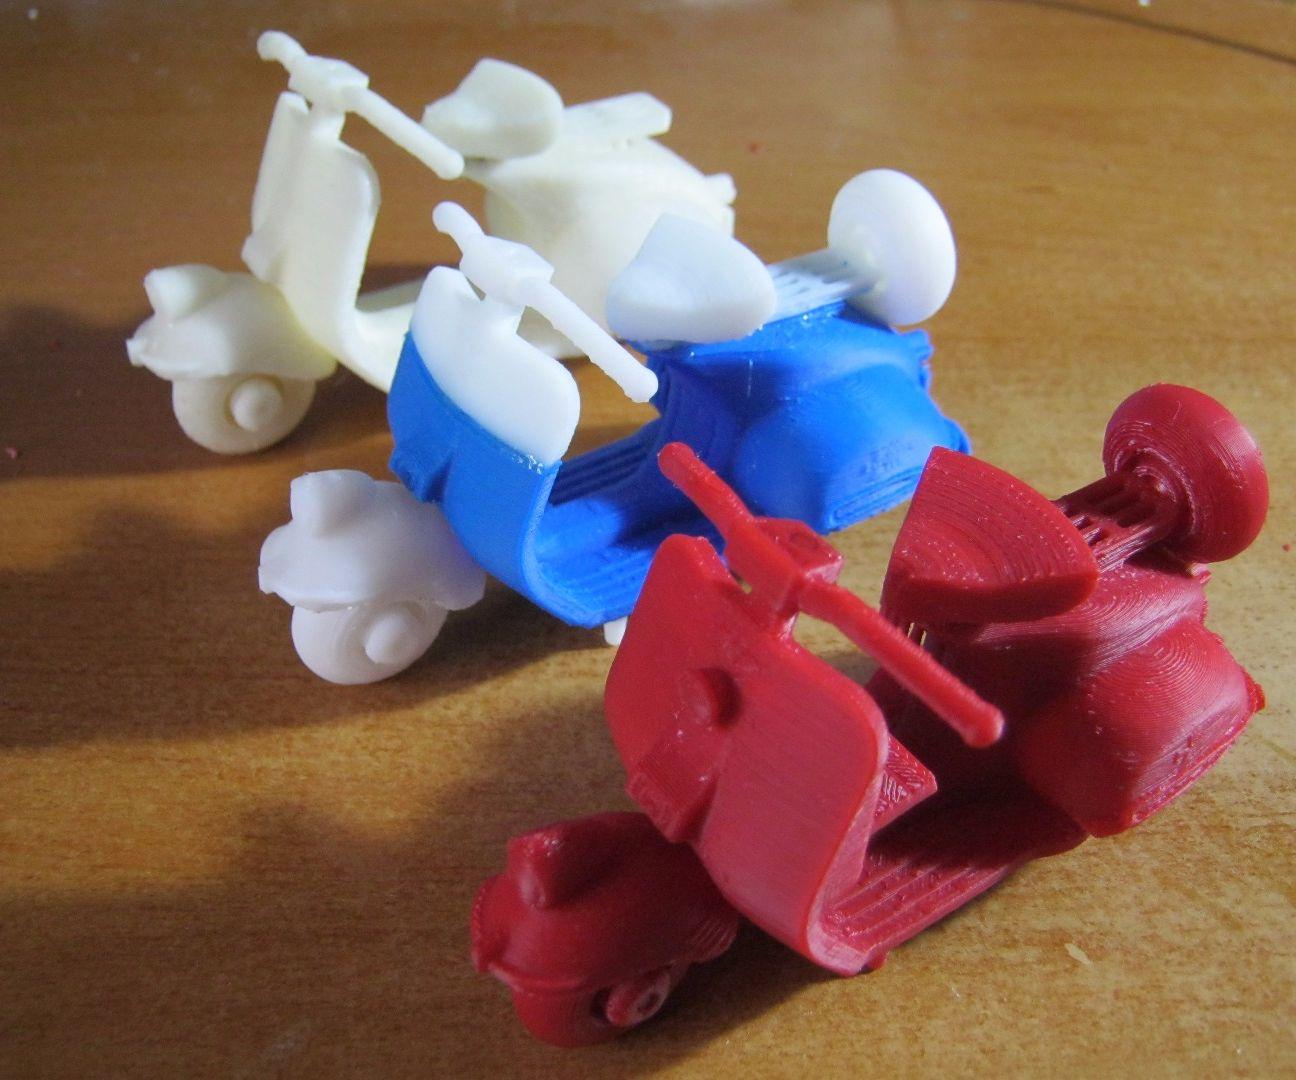 3D Printed Classic Vespa